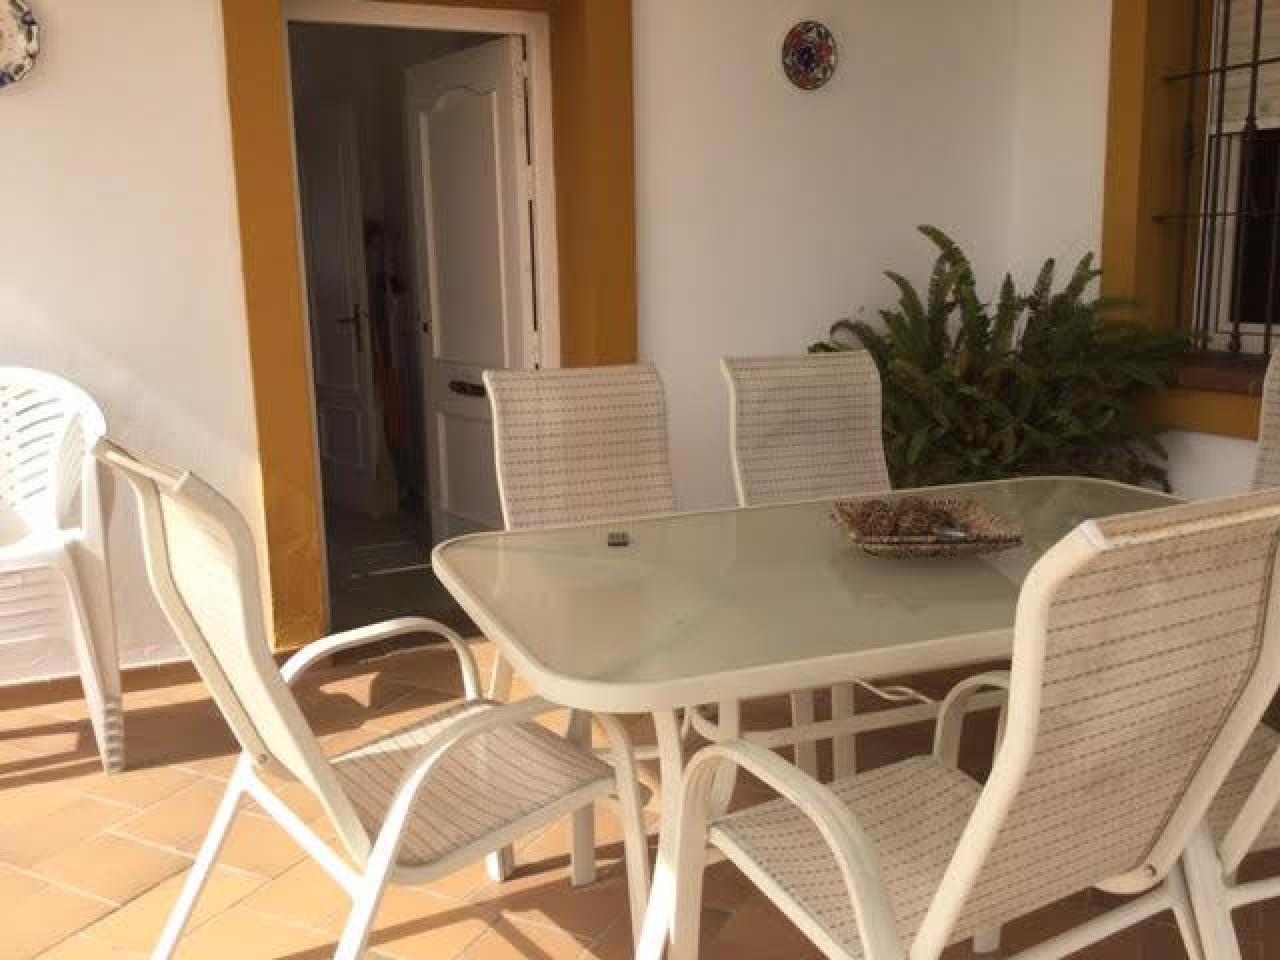 Alquiler de habitaciones Sanlúcar de Barrameda, Cádiz